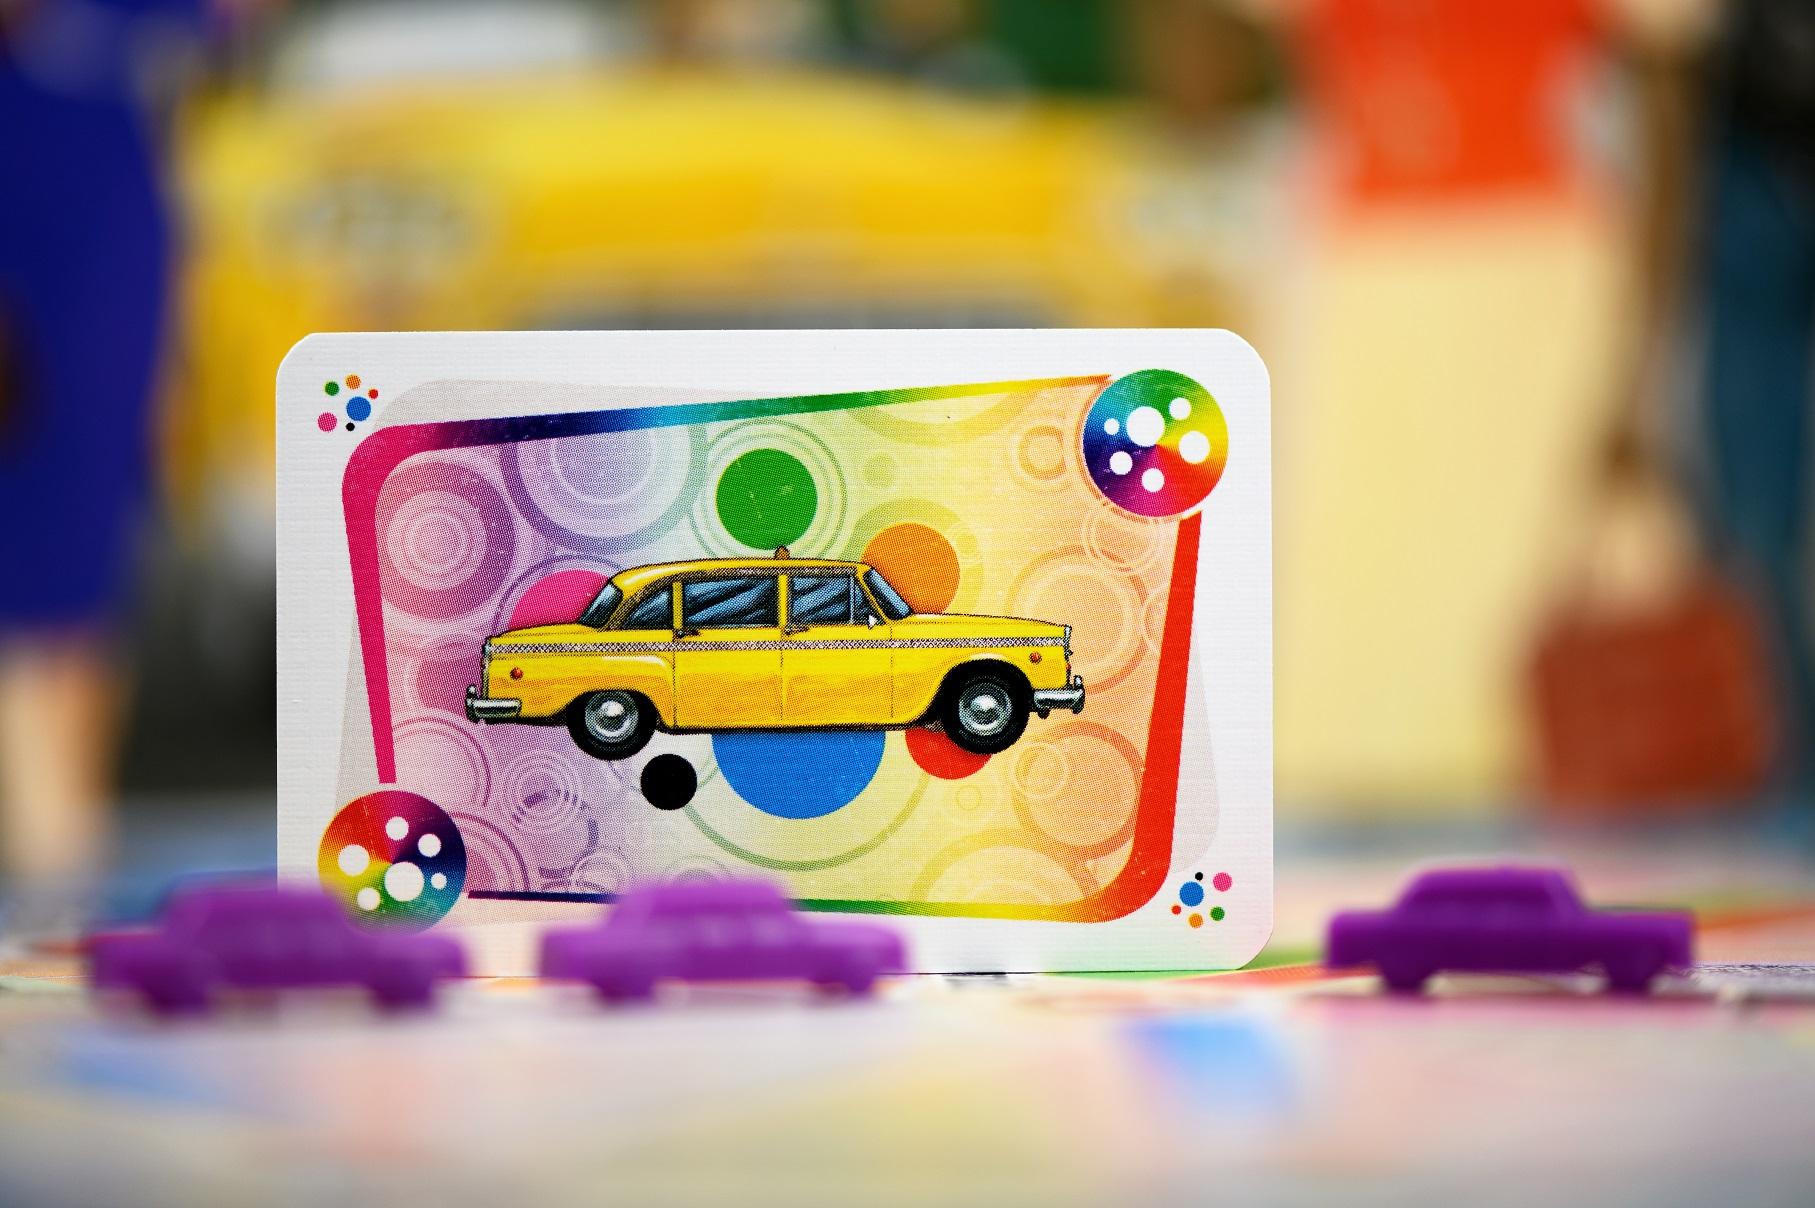 W tej wersji gry poruszamy się charakterystycznymi, żółtymi taksówkami.